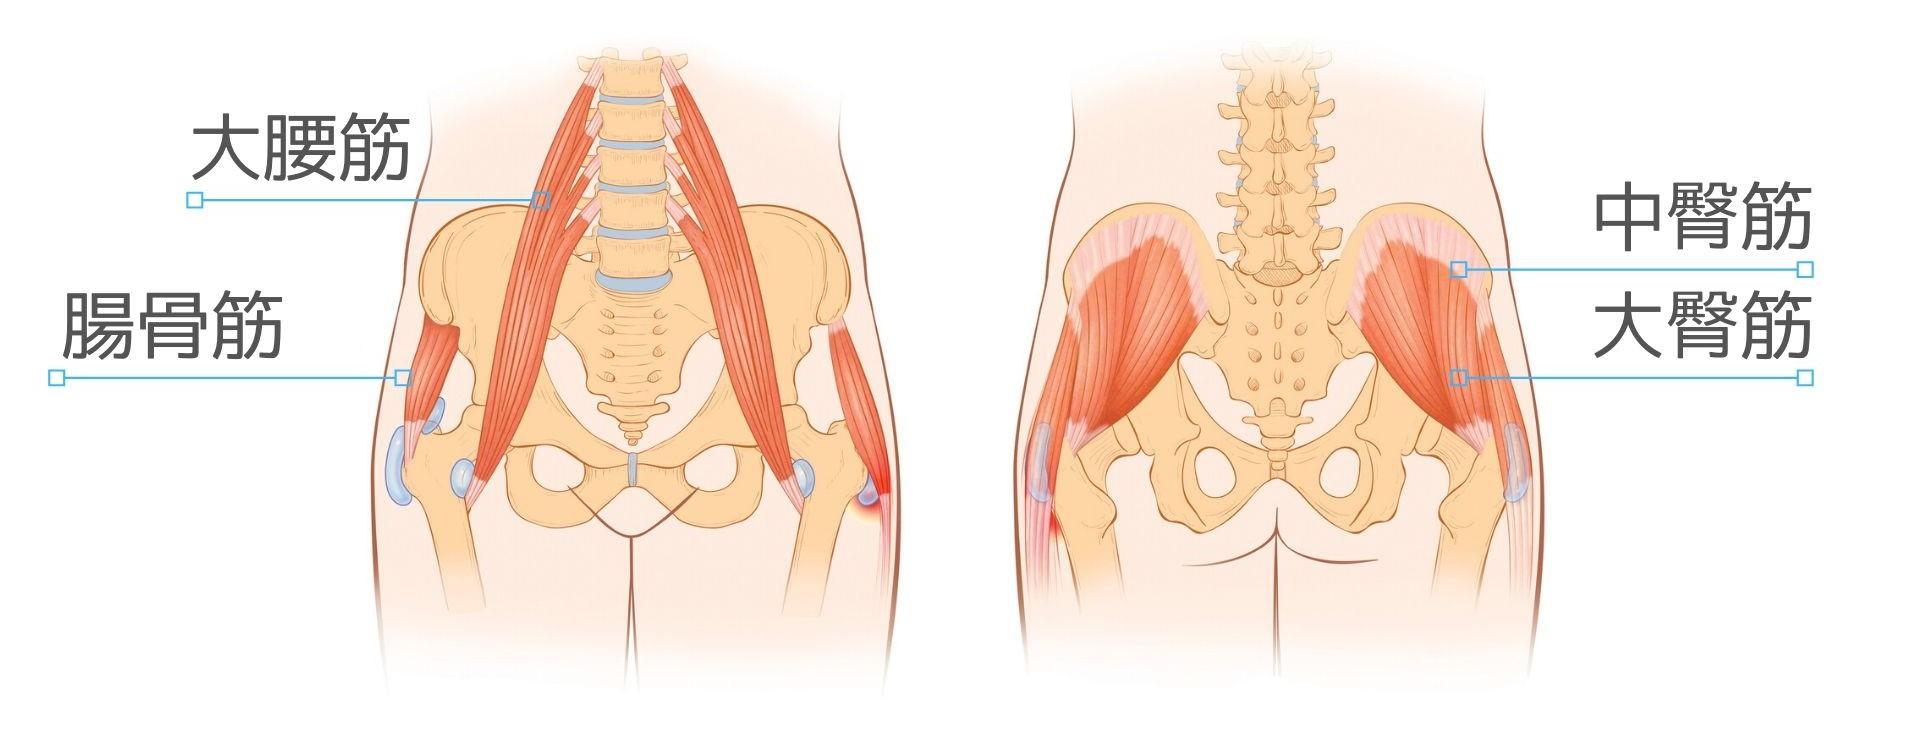 筋 股関節 トレ 痛